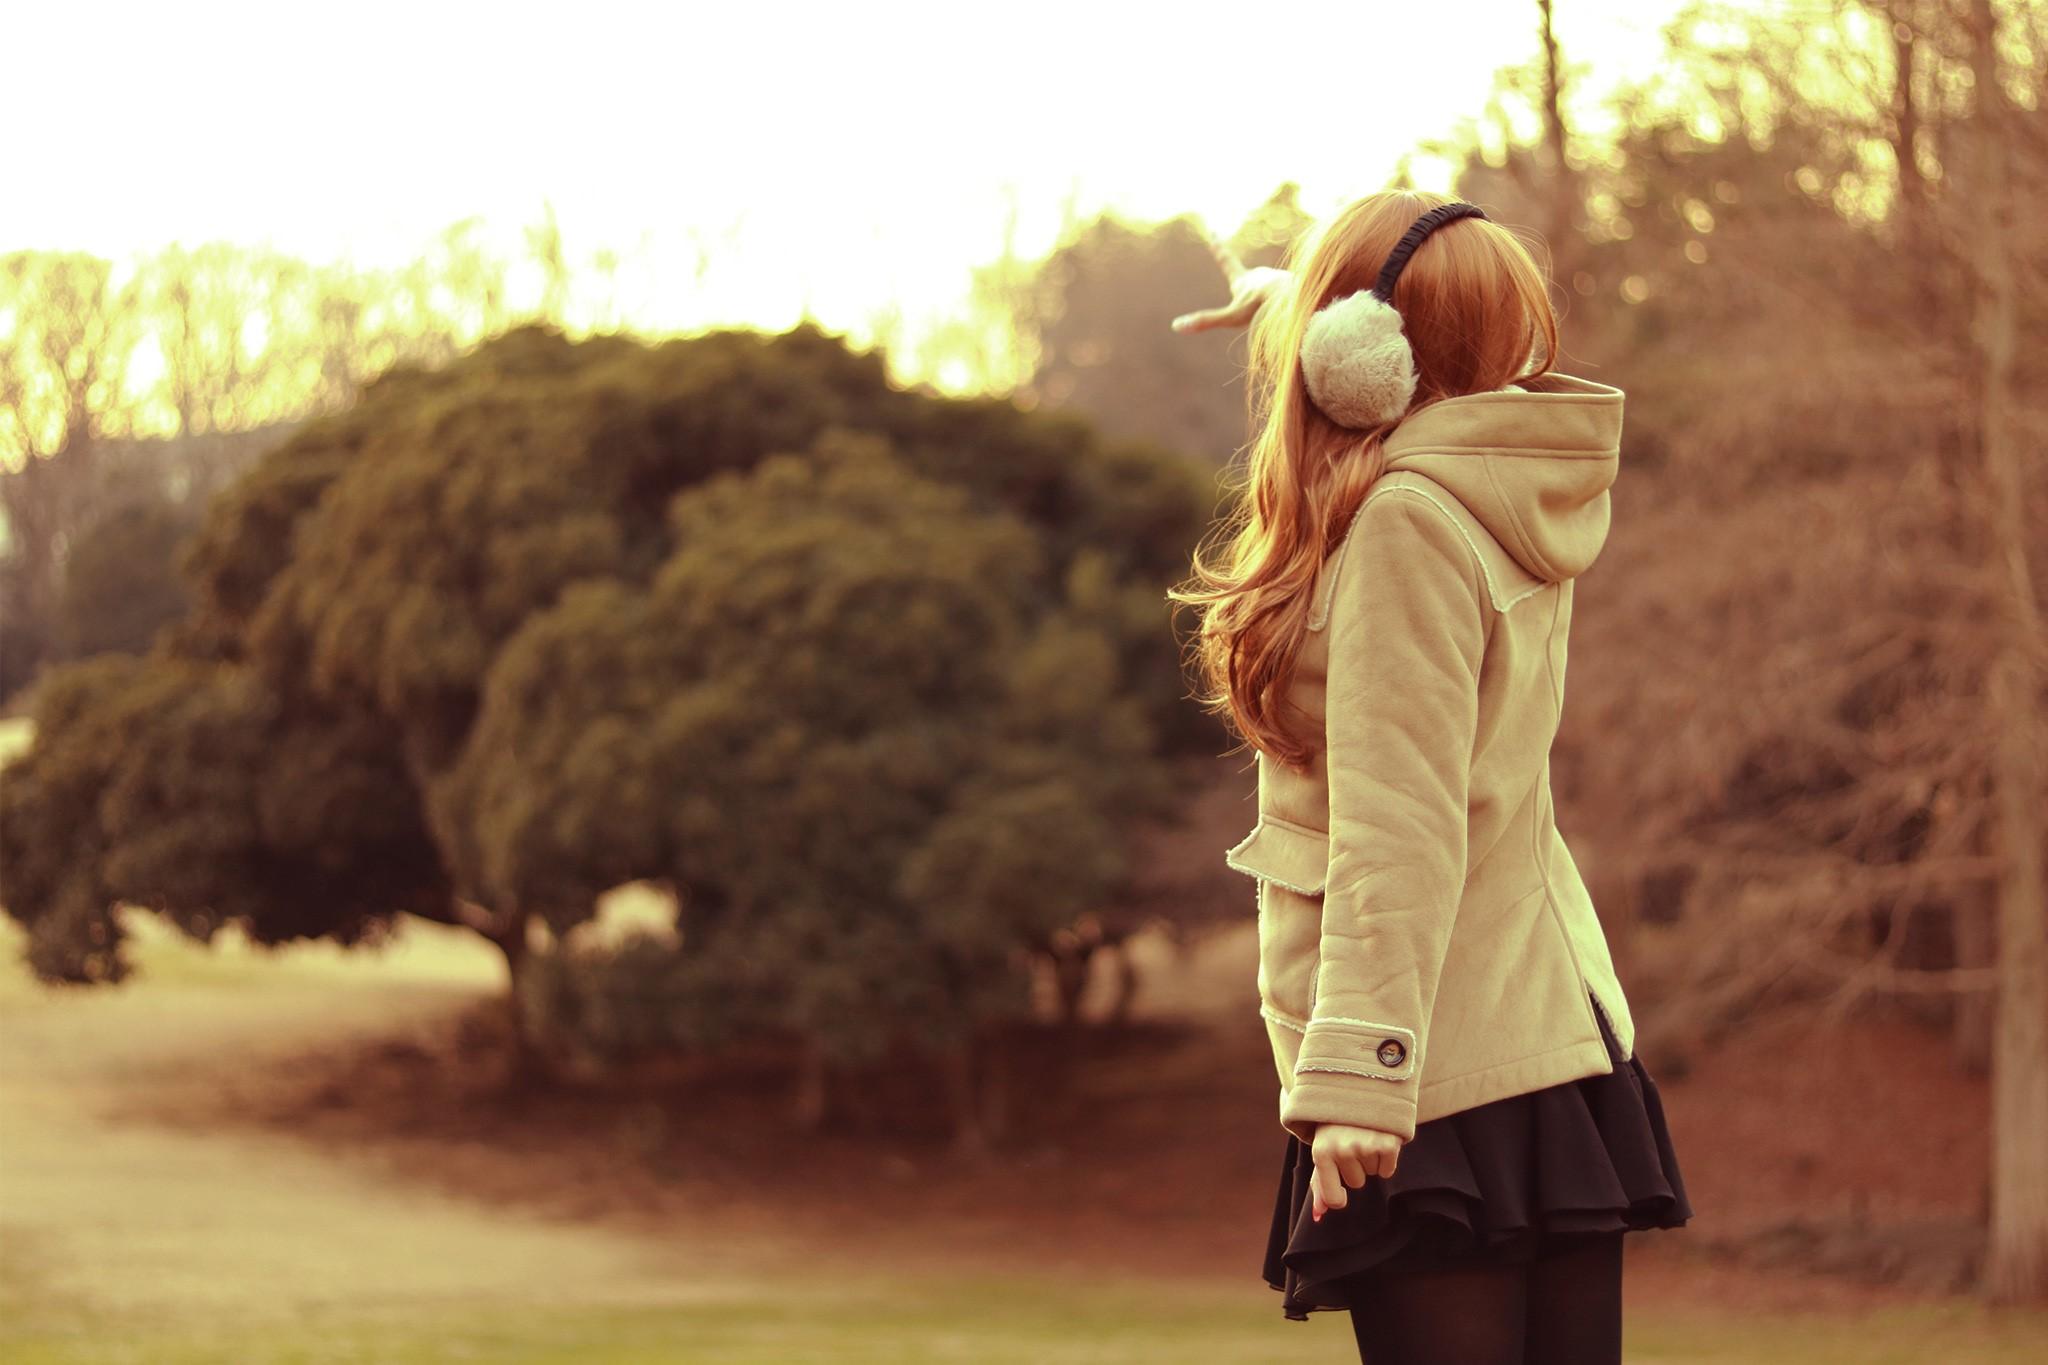 ベージュのダッフルコートと黒いミニスカートを着た女の子が、向こうを指さしている写真